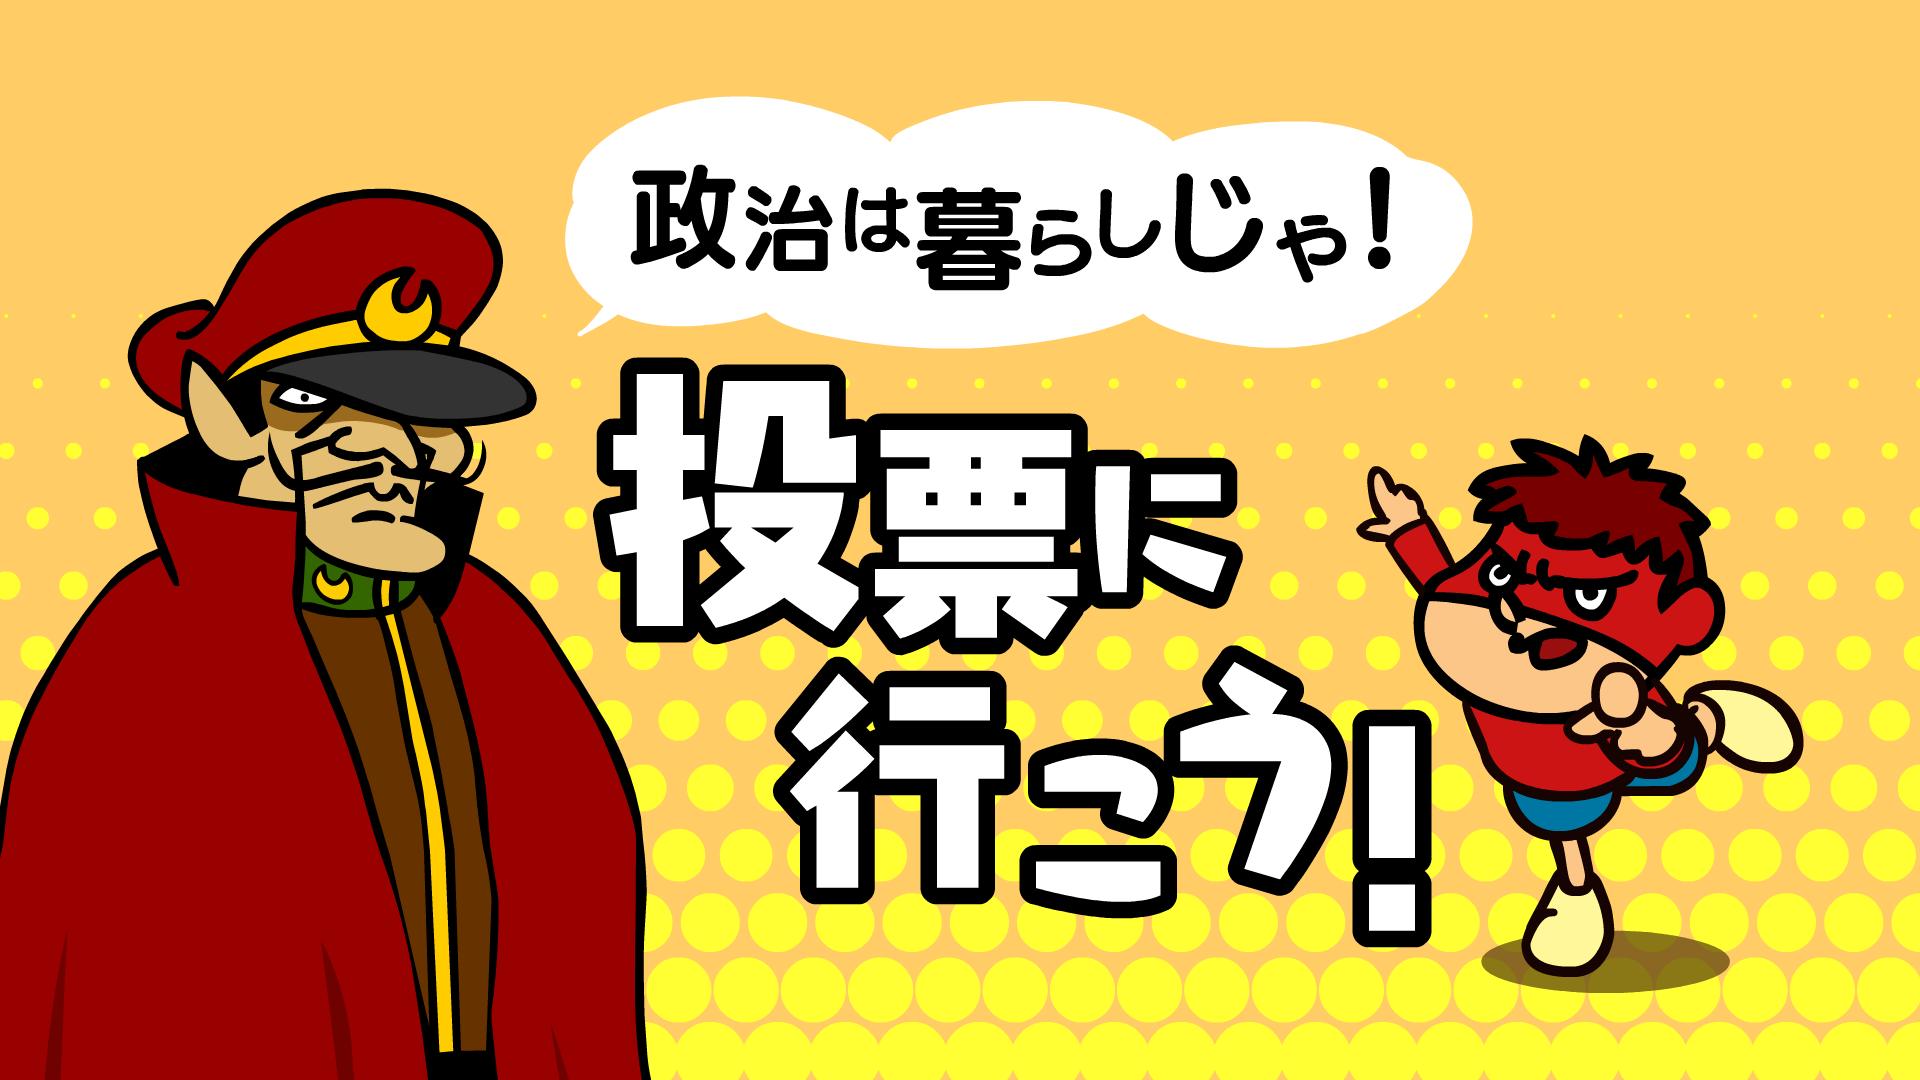 【鷹の爪】『東京都選挙管理委員会』×『秘密結社 鷹の爪』 投票所での新型コロナウイルス感染症対策の紹介動画を公開!